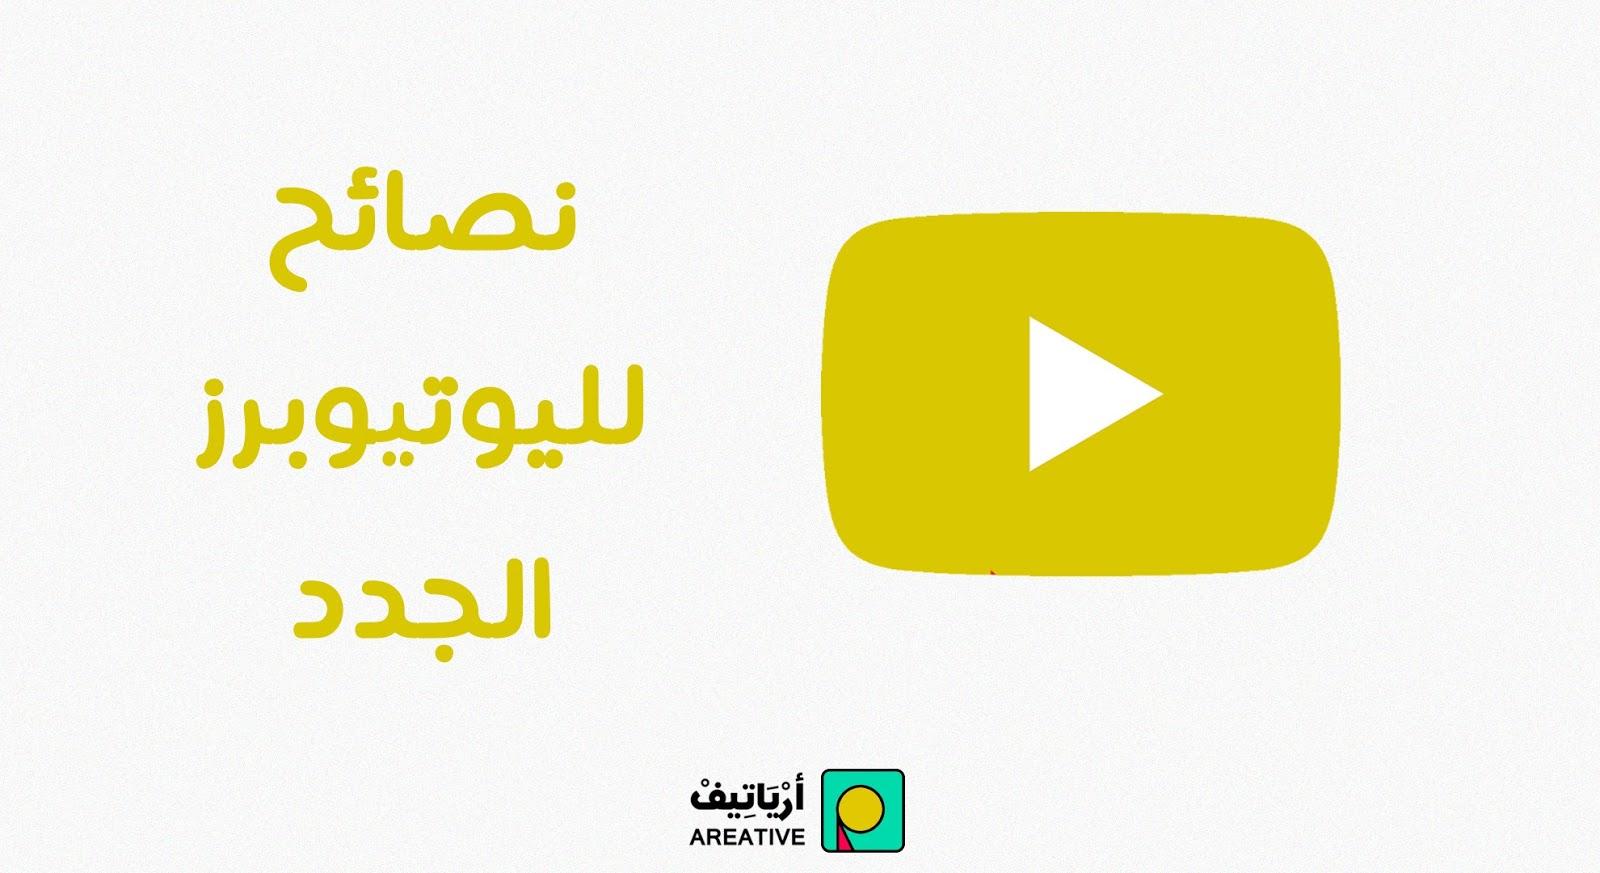 نصائح من أجل إنشاء قناة يوتيوب ناجحة